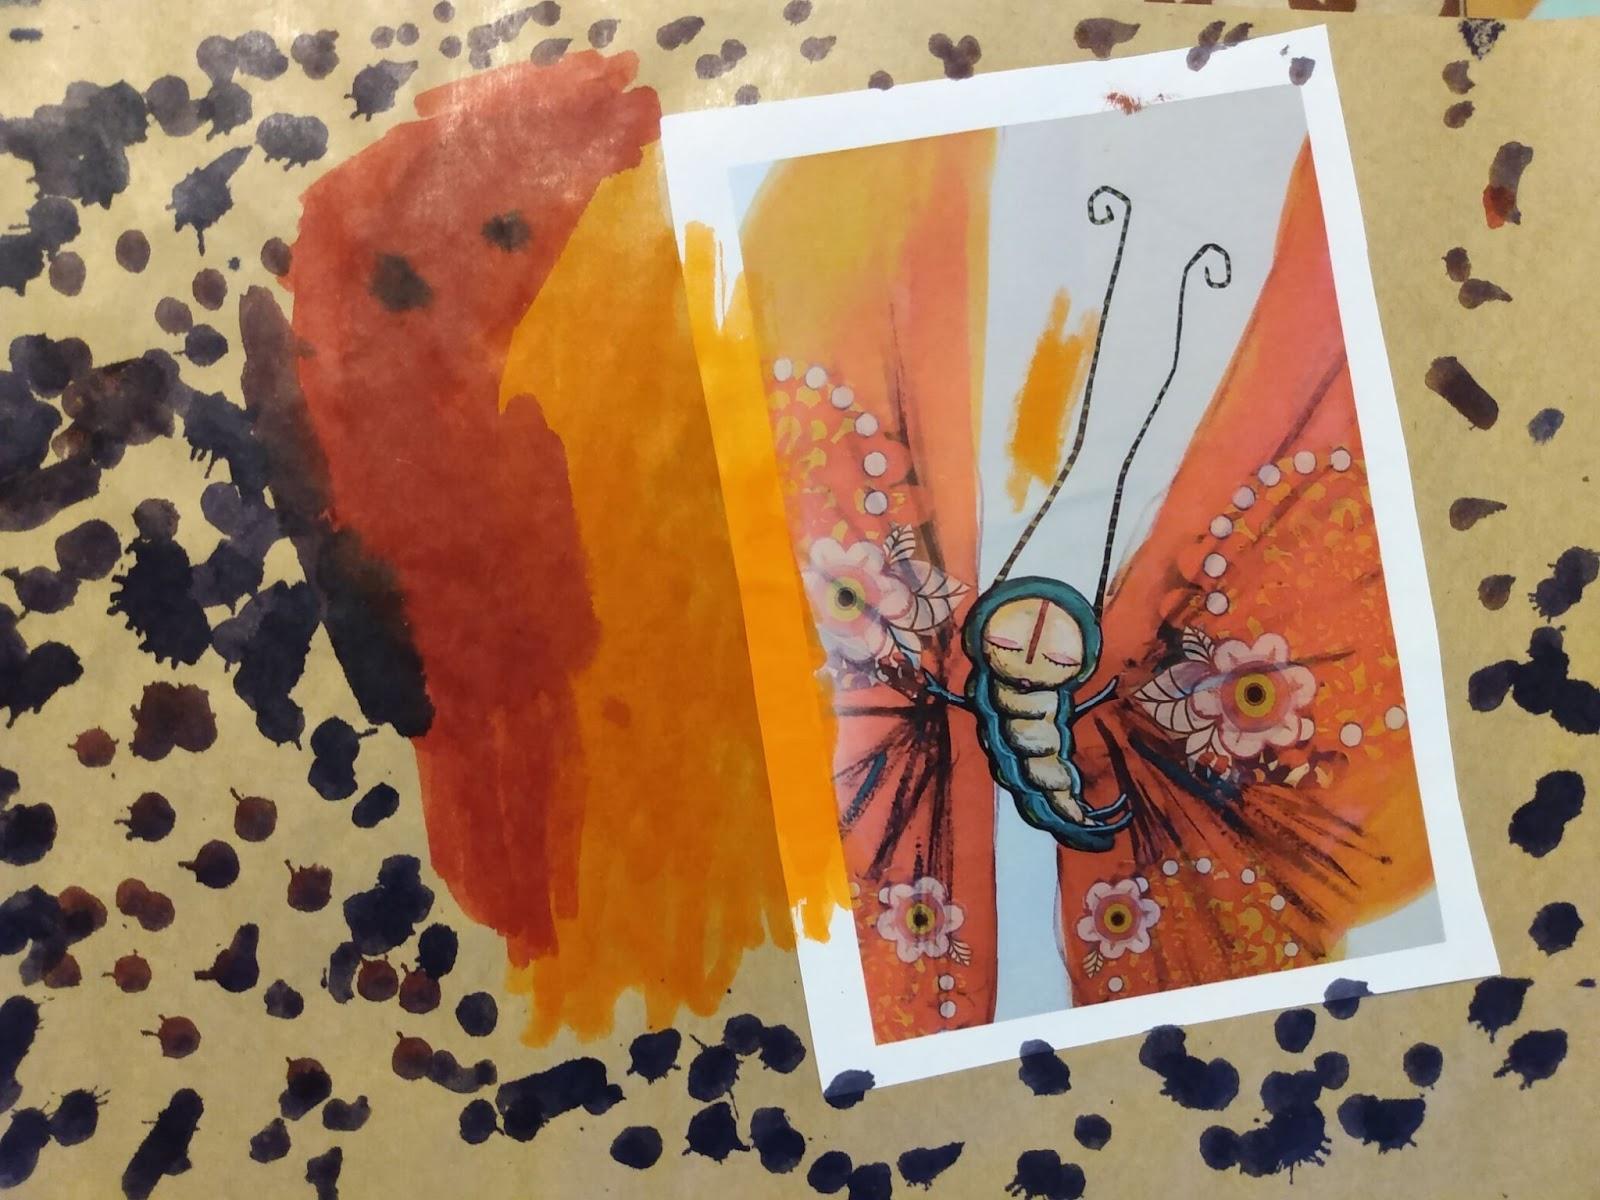 A imagem mostra uma ilustração contendo uma lagarta azul em fundo branco e laranja colada em uma folha com desenhos em laranja, vermelho e preto.